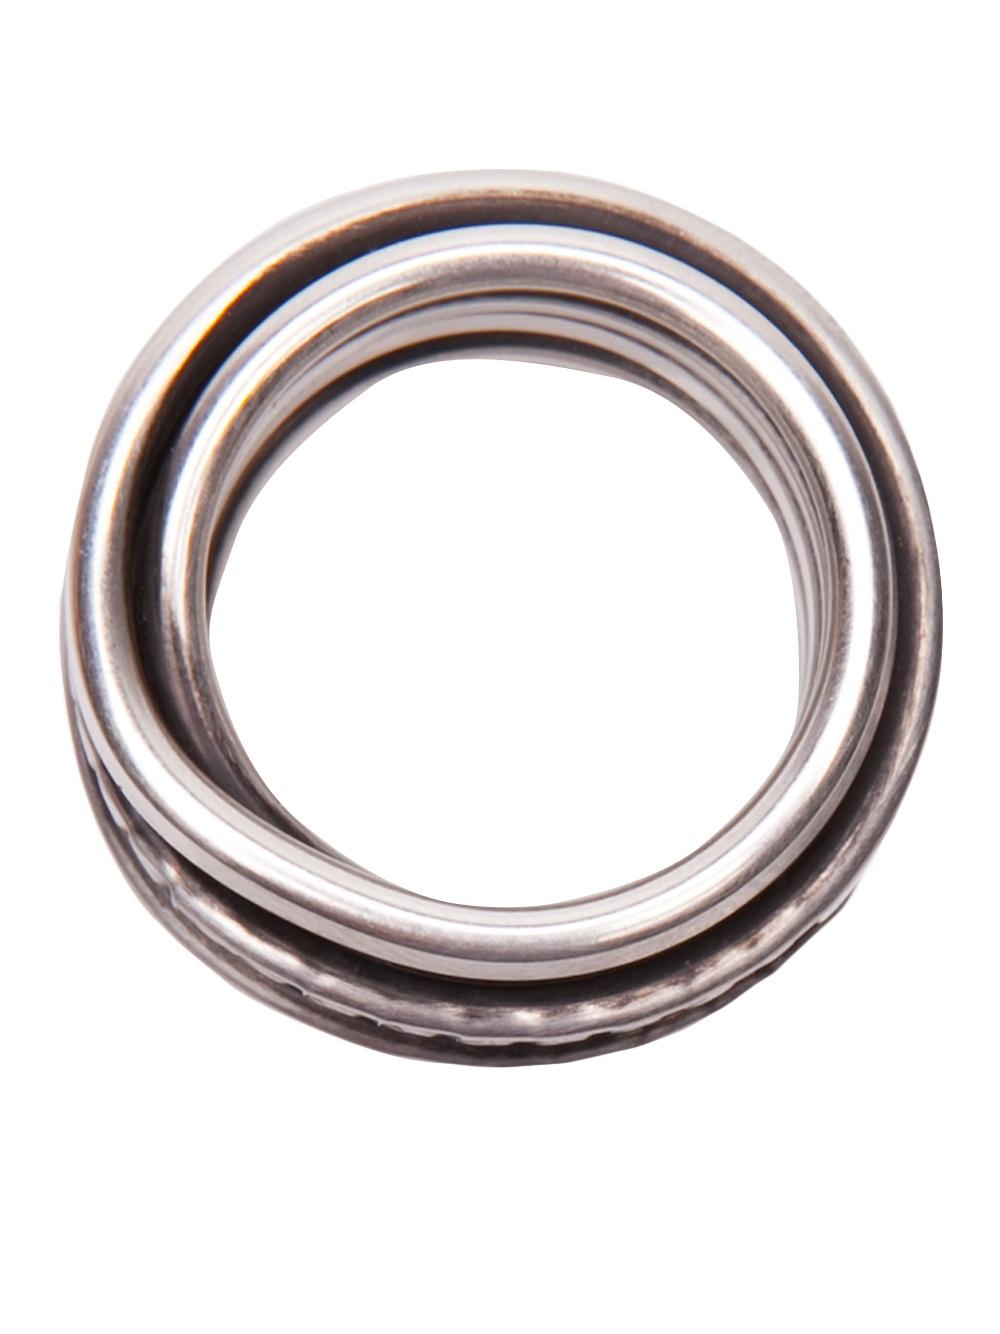 werkstatt m nchen punch round wound ring in metallic lyst. Black Bedroom Furniture Sets. Home Design Ideas